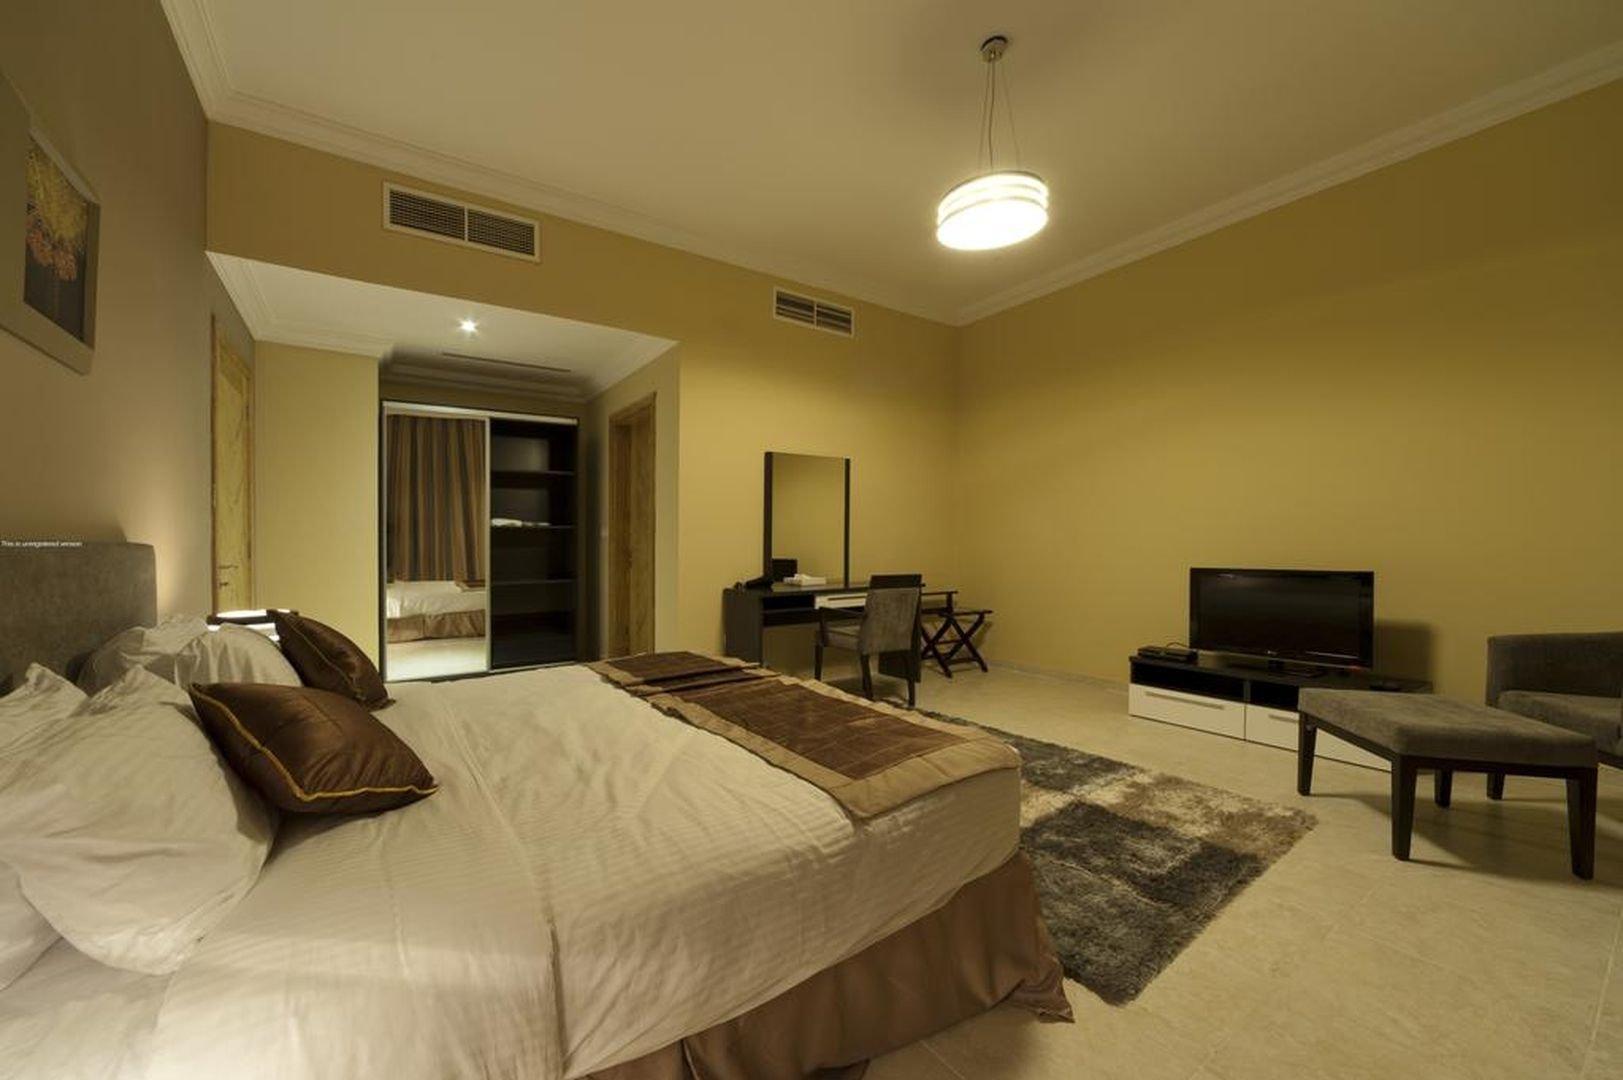 Ad Rental Apartment Doha West Bay, 3 Rooms ref:L1445DA